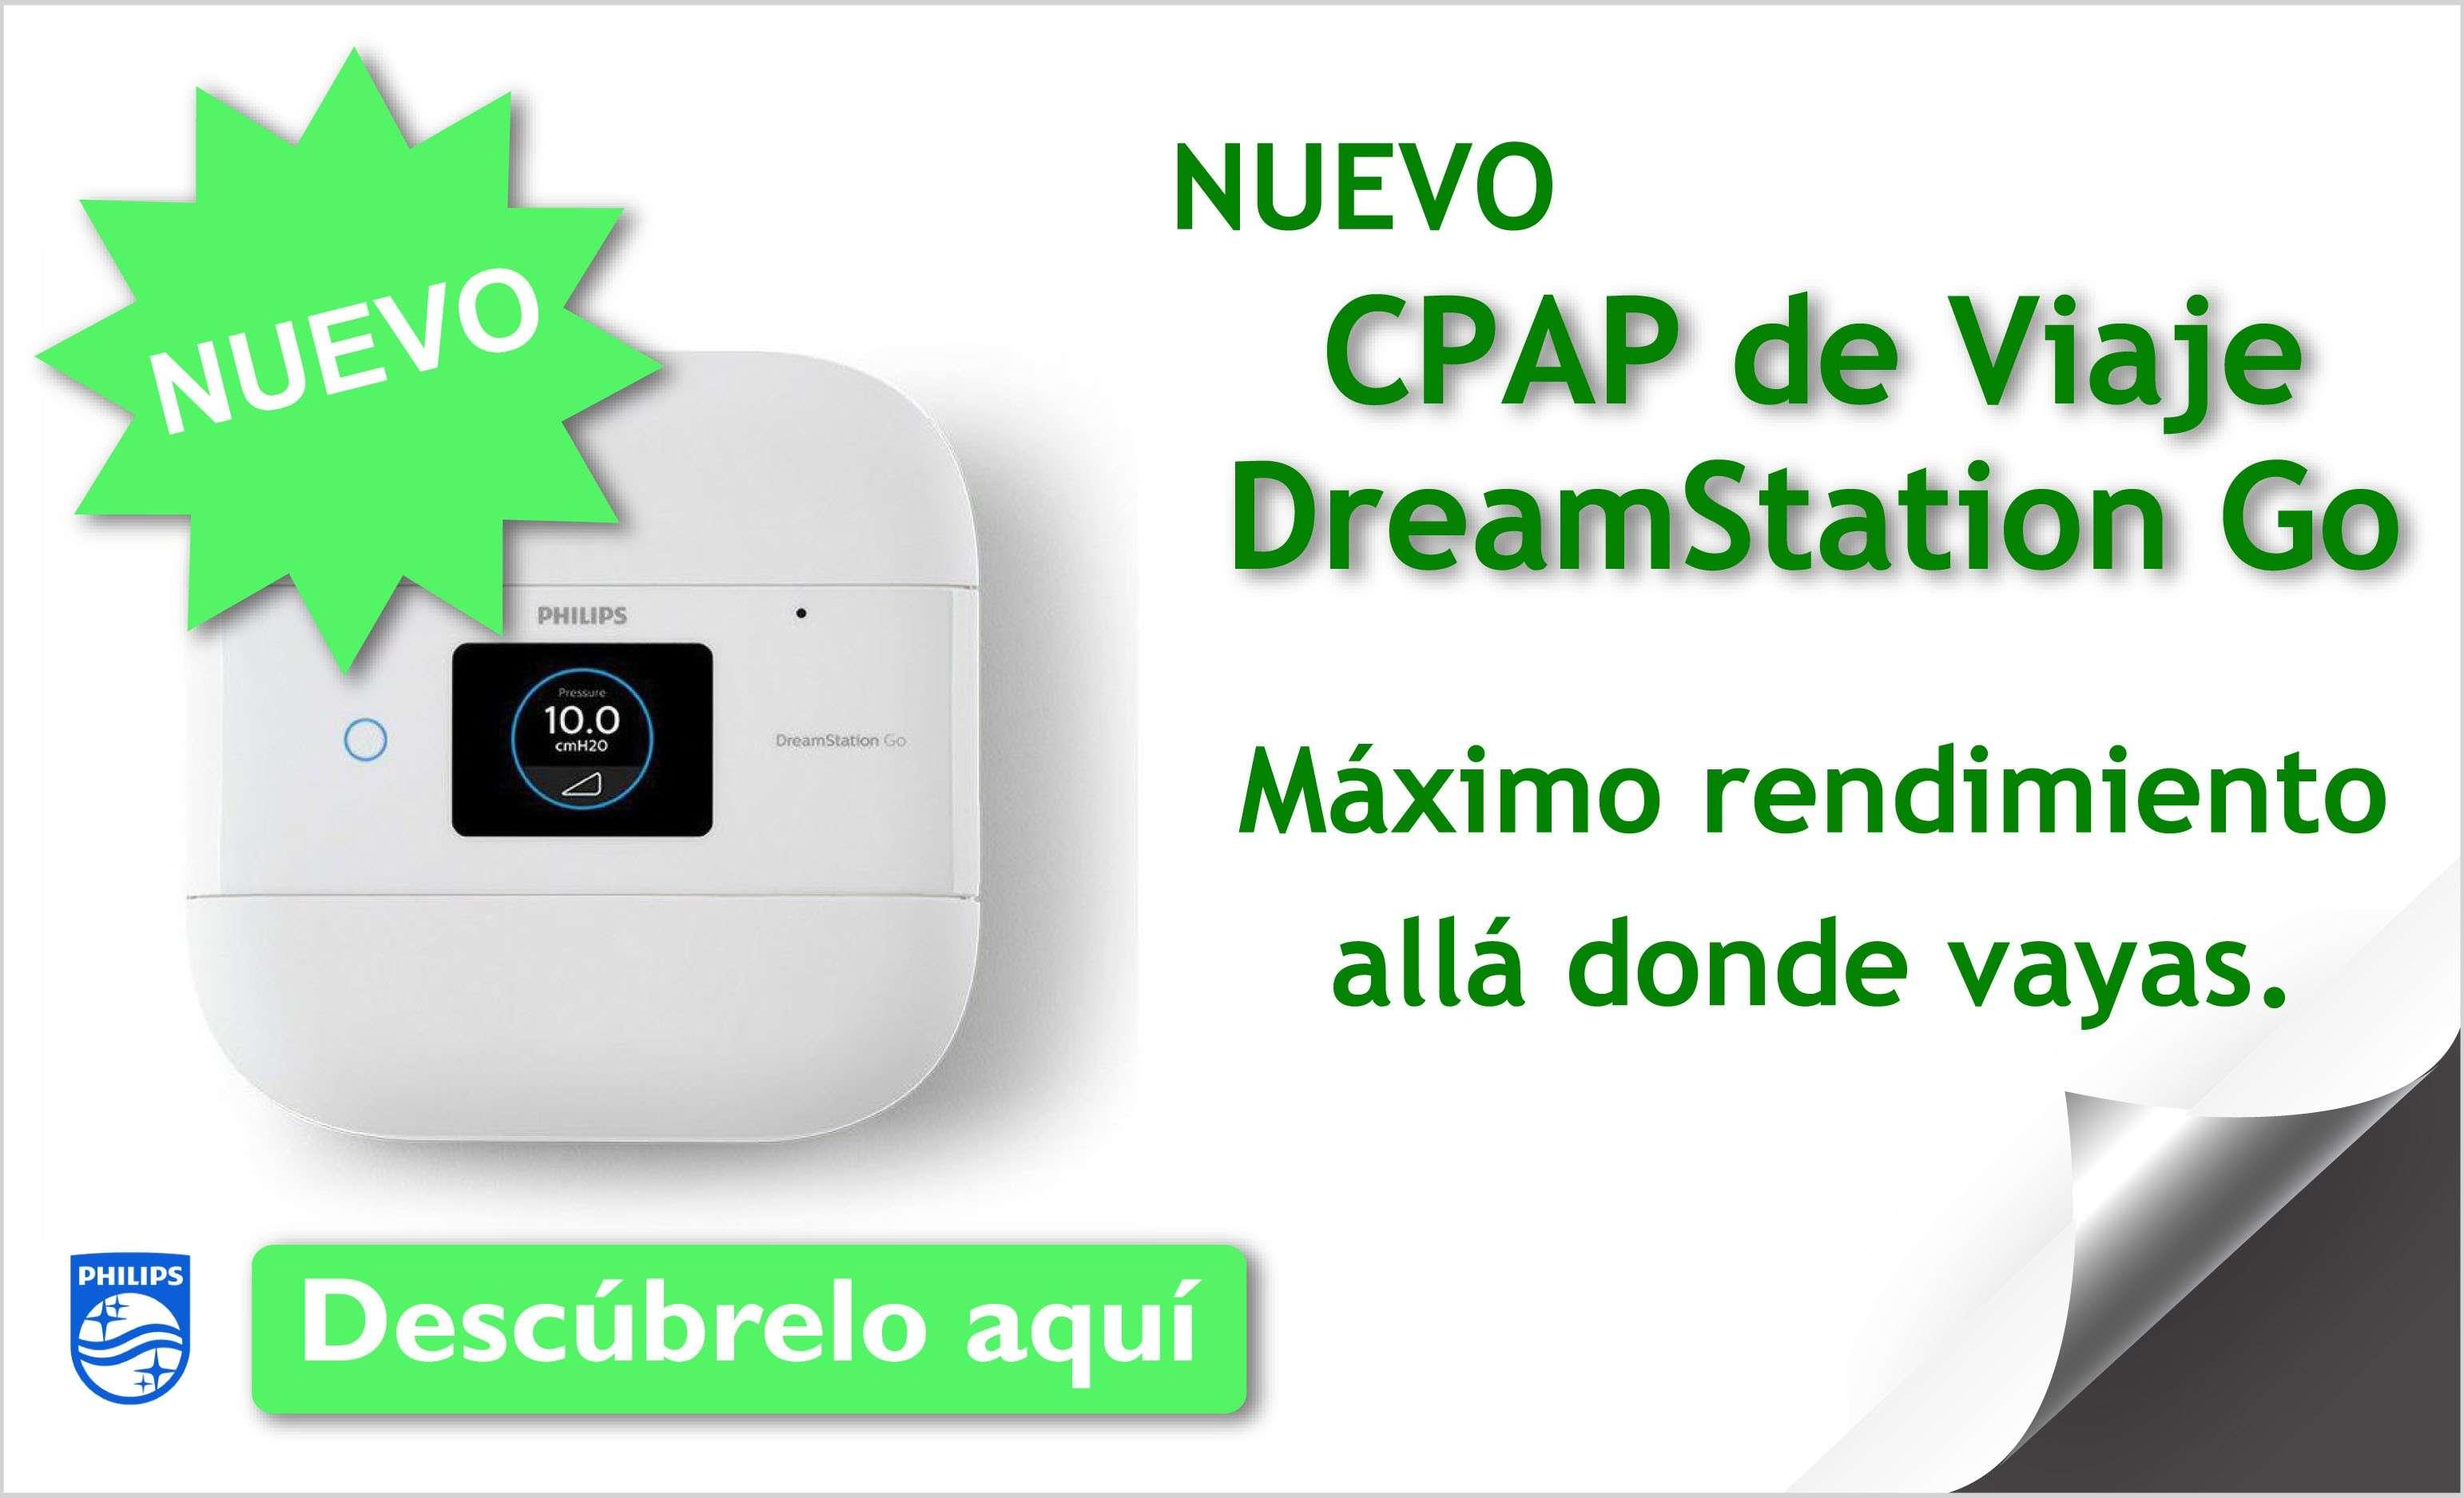 Nuevo CPAP de VIAJE DreamStation Go